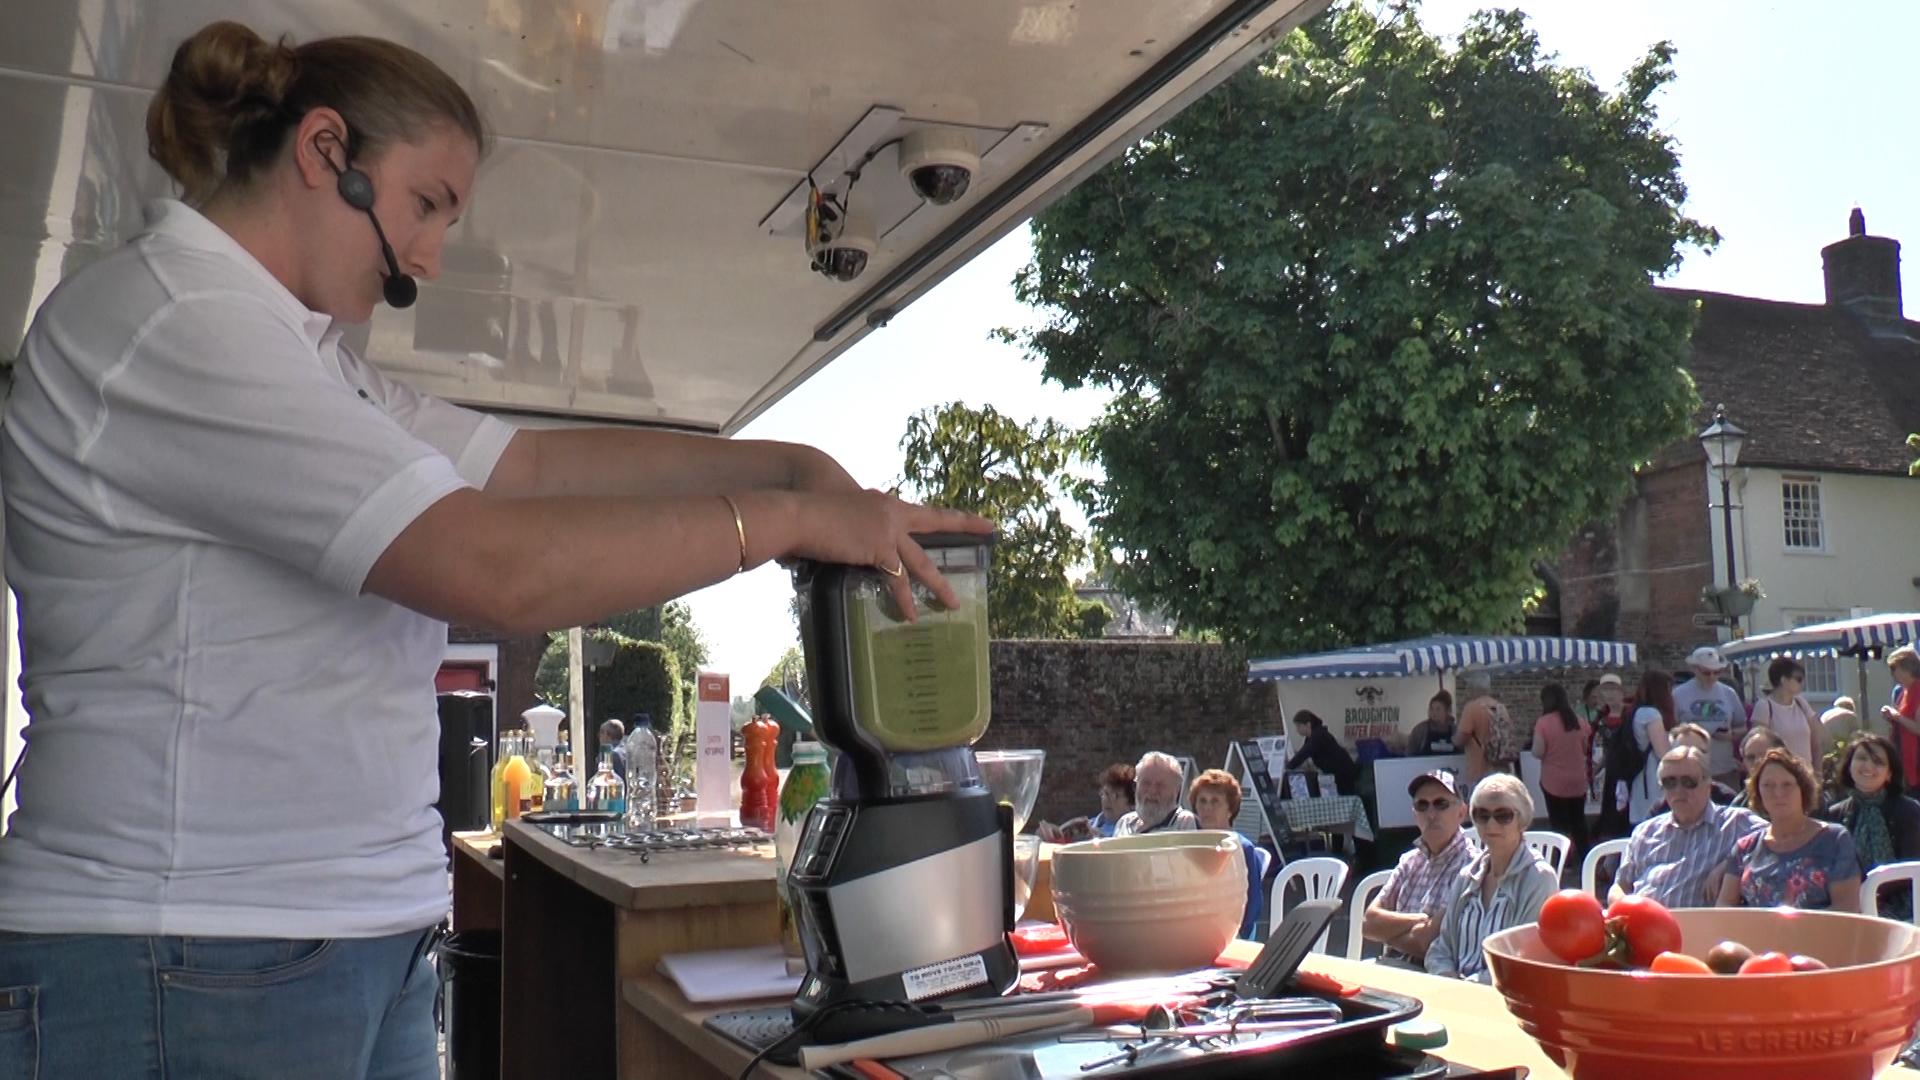 Keri makes a watecress smoothie